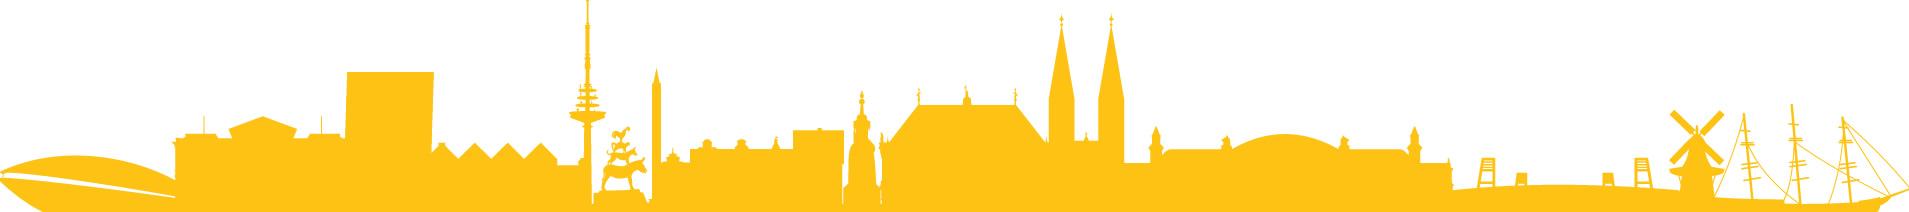 Elektro Notdienst Bremen Skyline